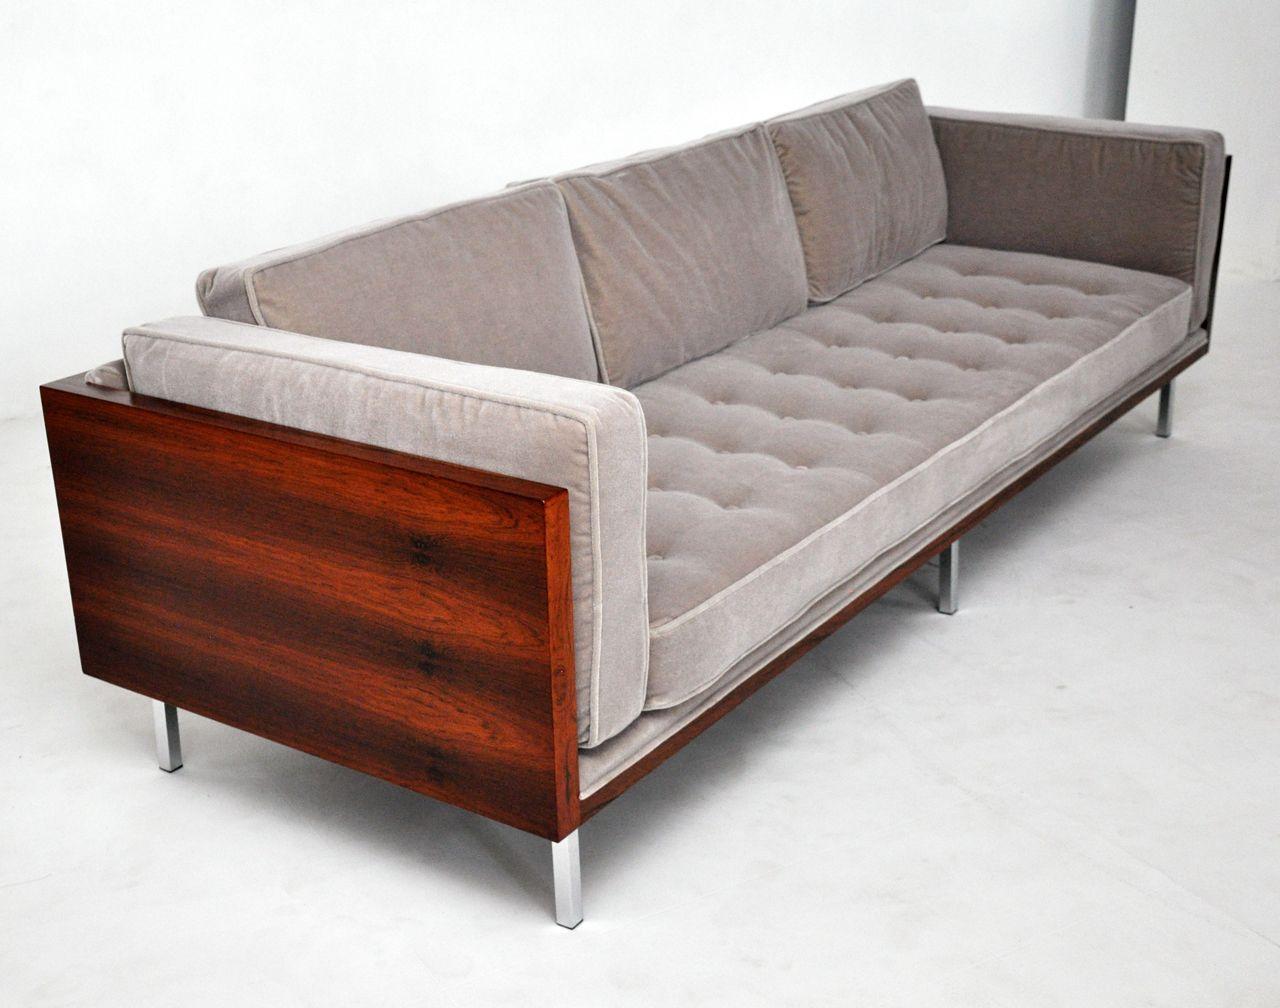 Pin by Lynn Gustafson on Mid Century Modern in 2019 | Sofa ...